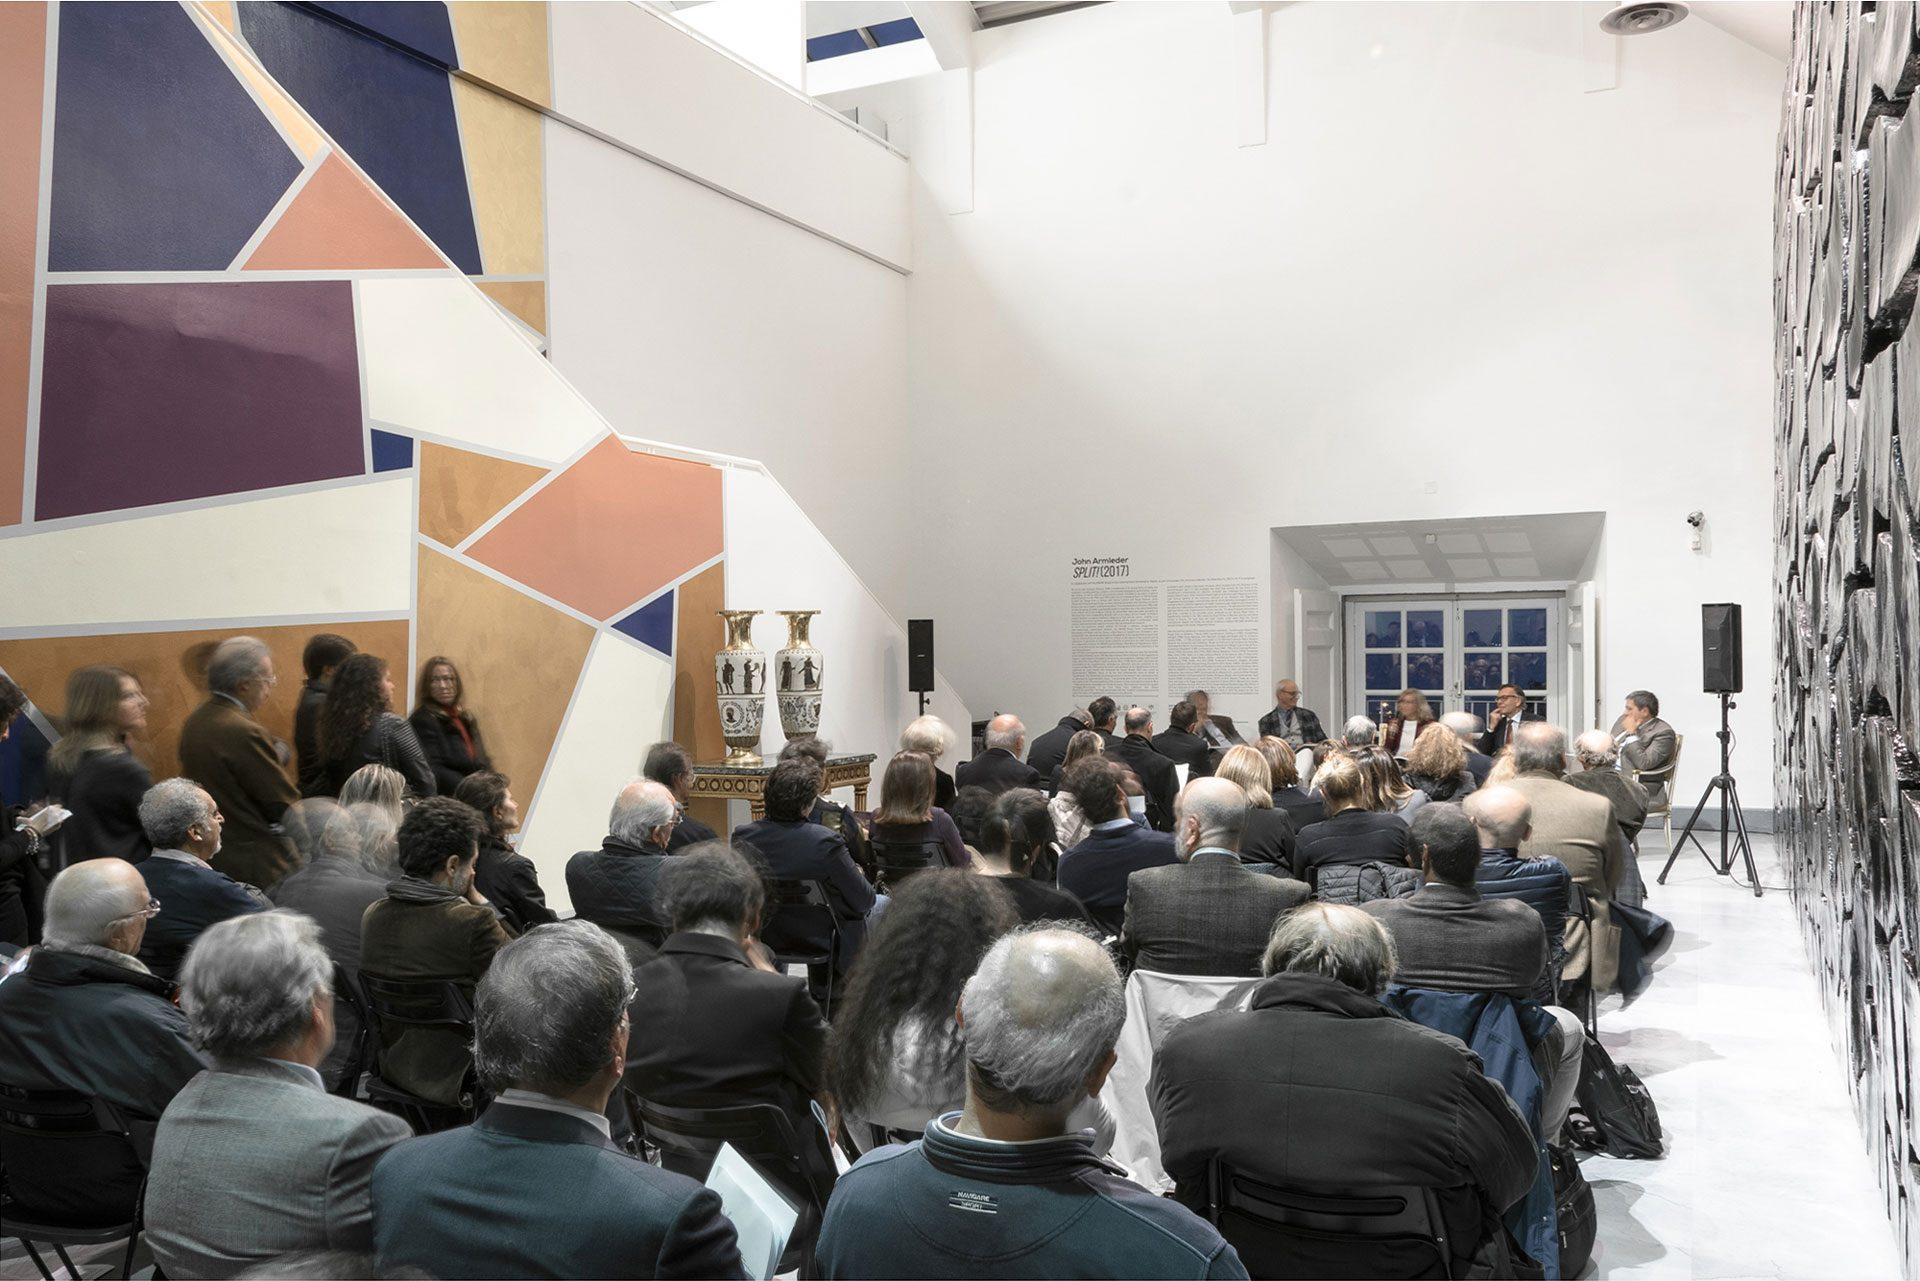 presentazione esperienze dell'architettura - corvino + multari